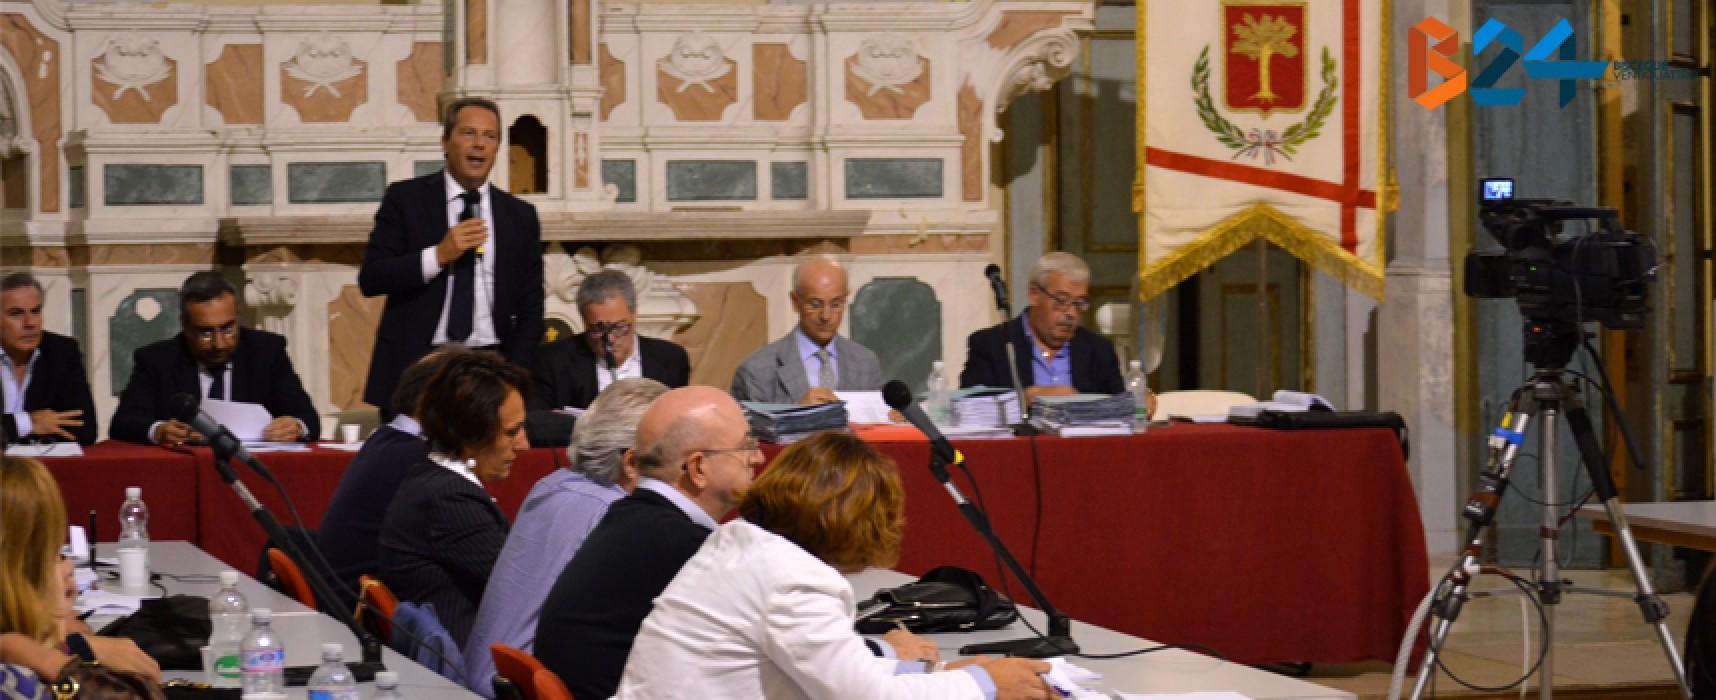 Consiglio comunale, è ancora battaglia su debiti fuori bilancio e tasse